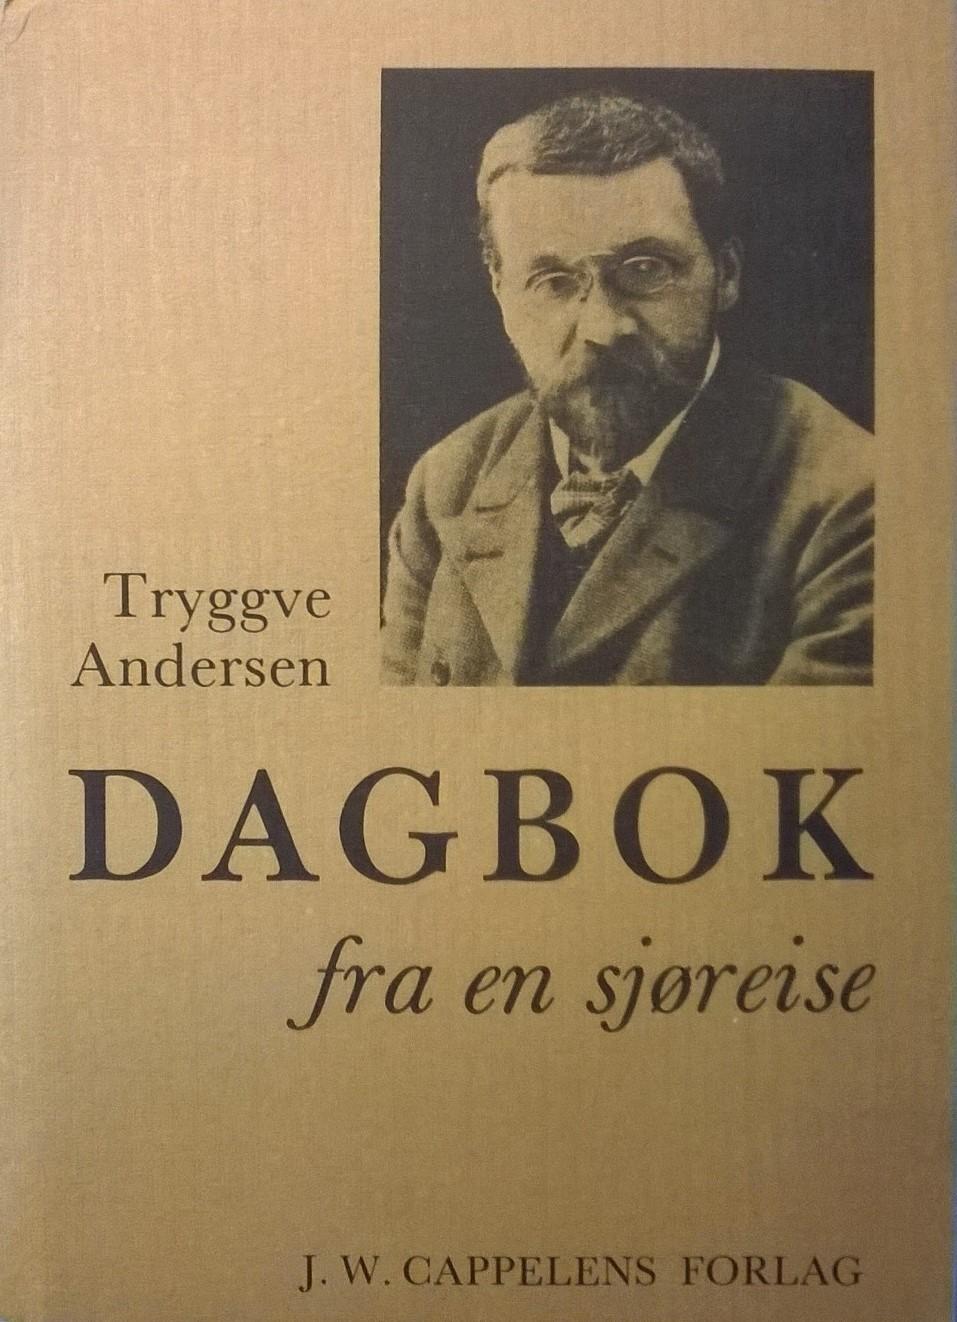 Andersen, Tryggve Dagbok fra en sjøreise